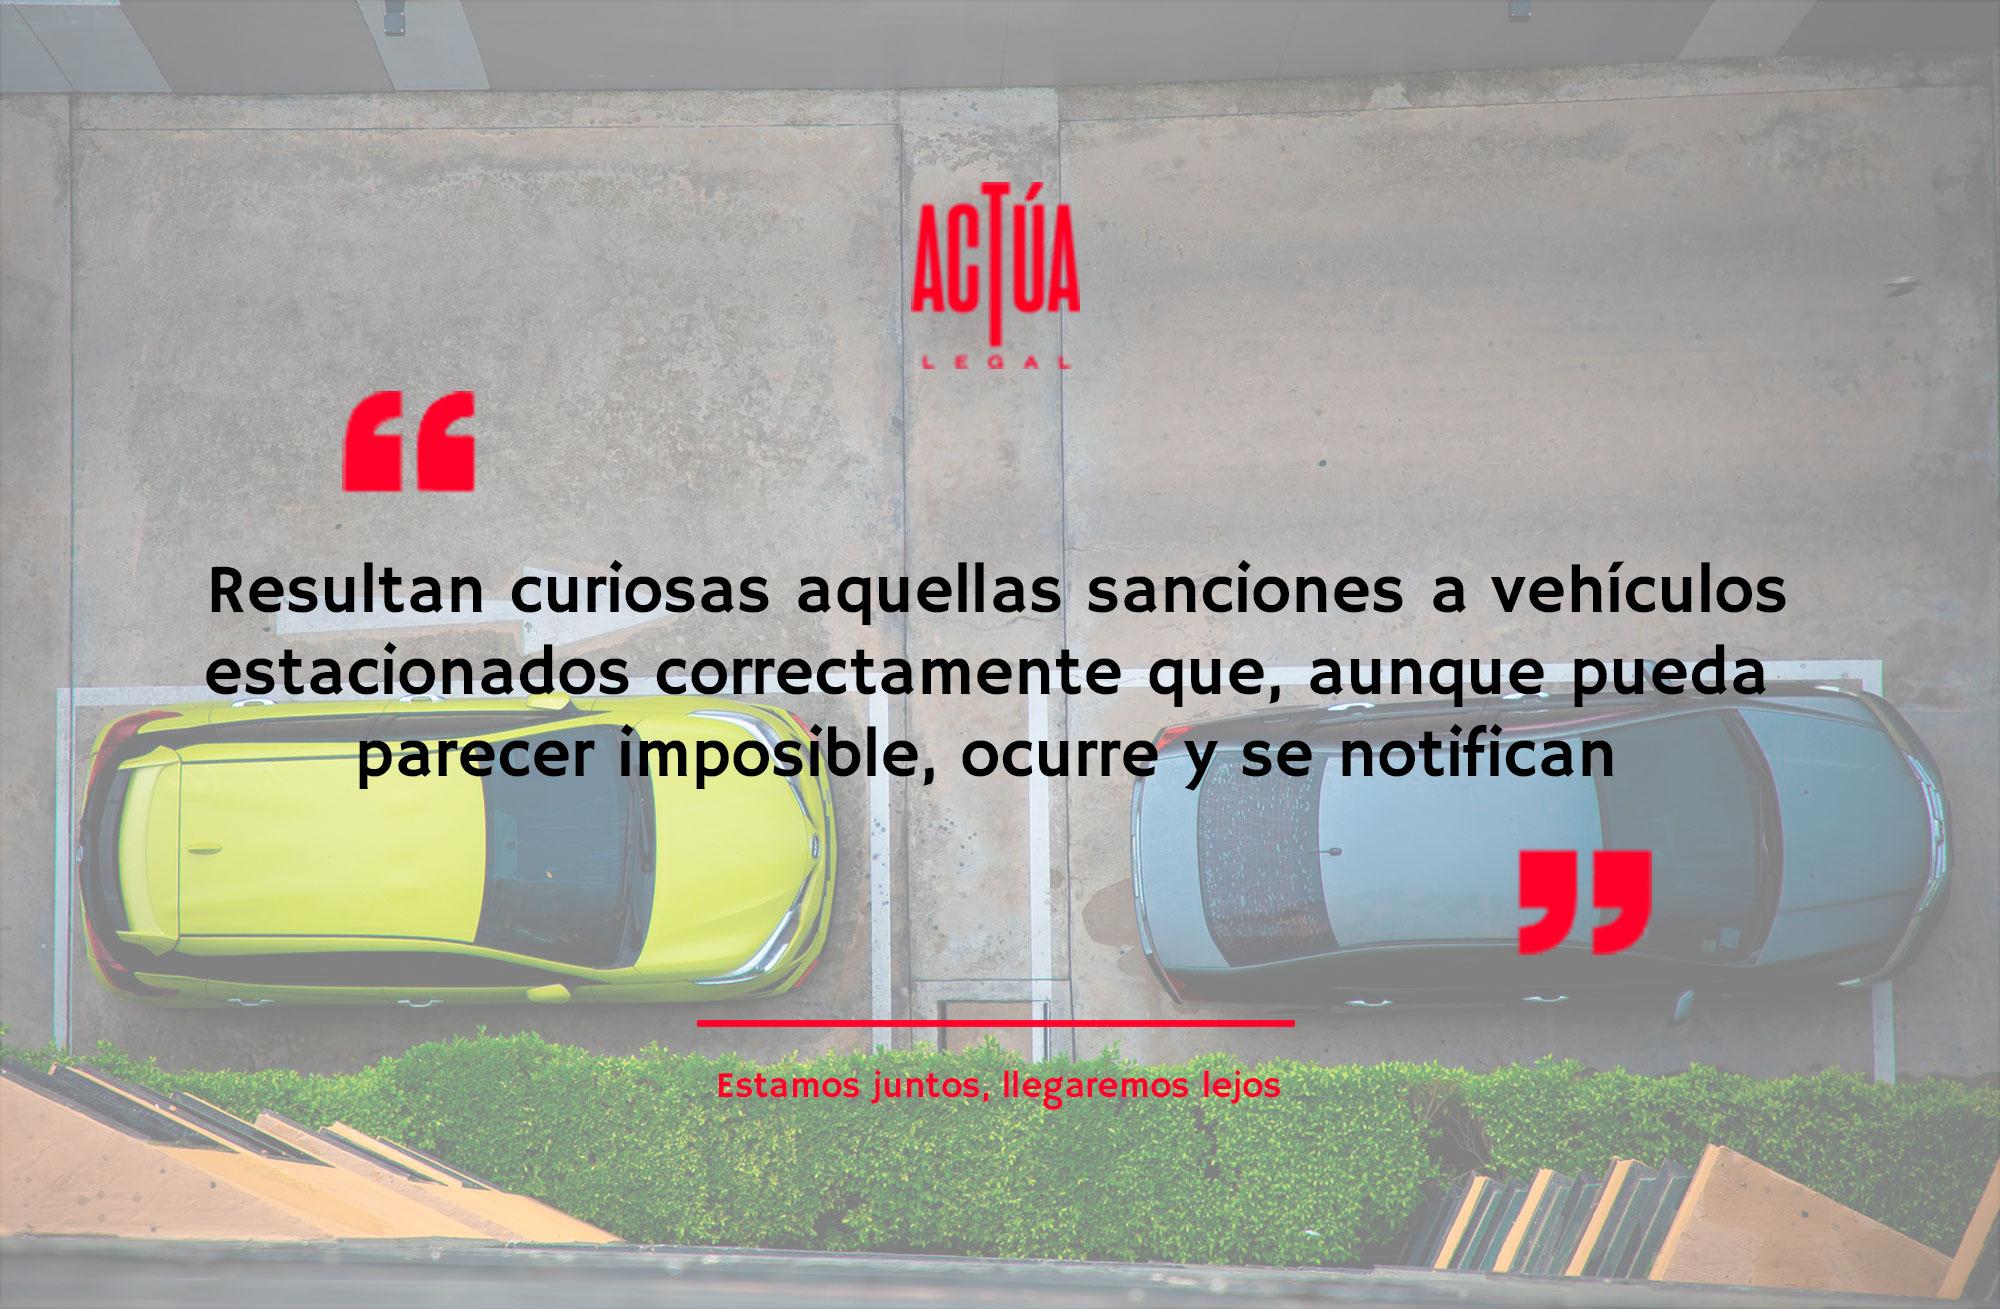 Sanciones a vehículos estacionados correctamente